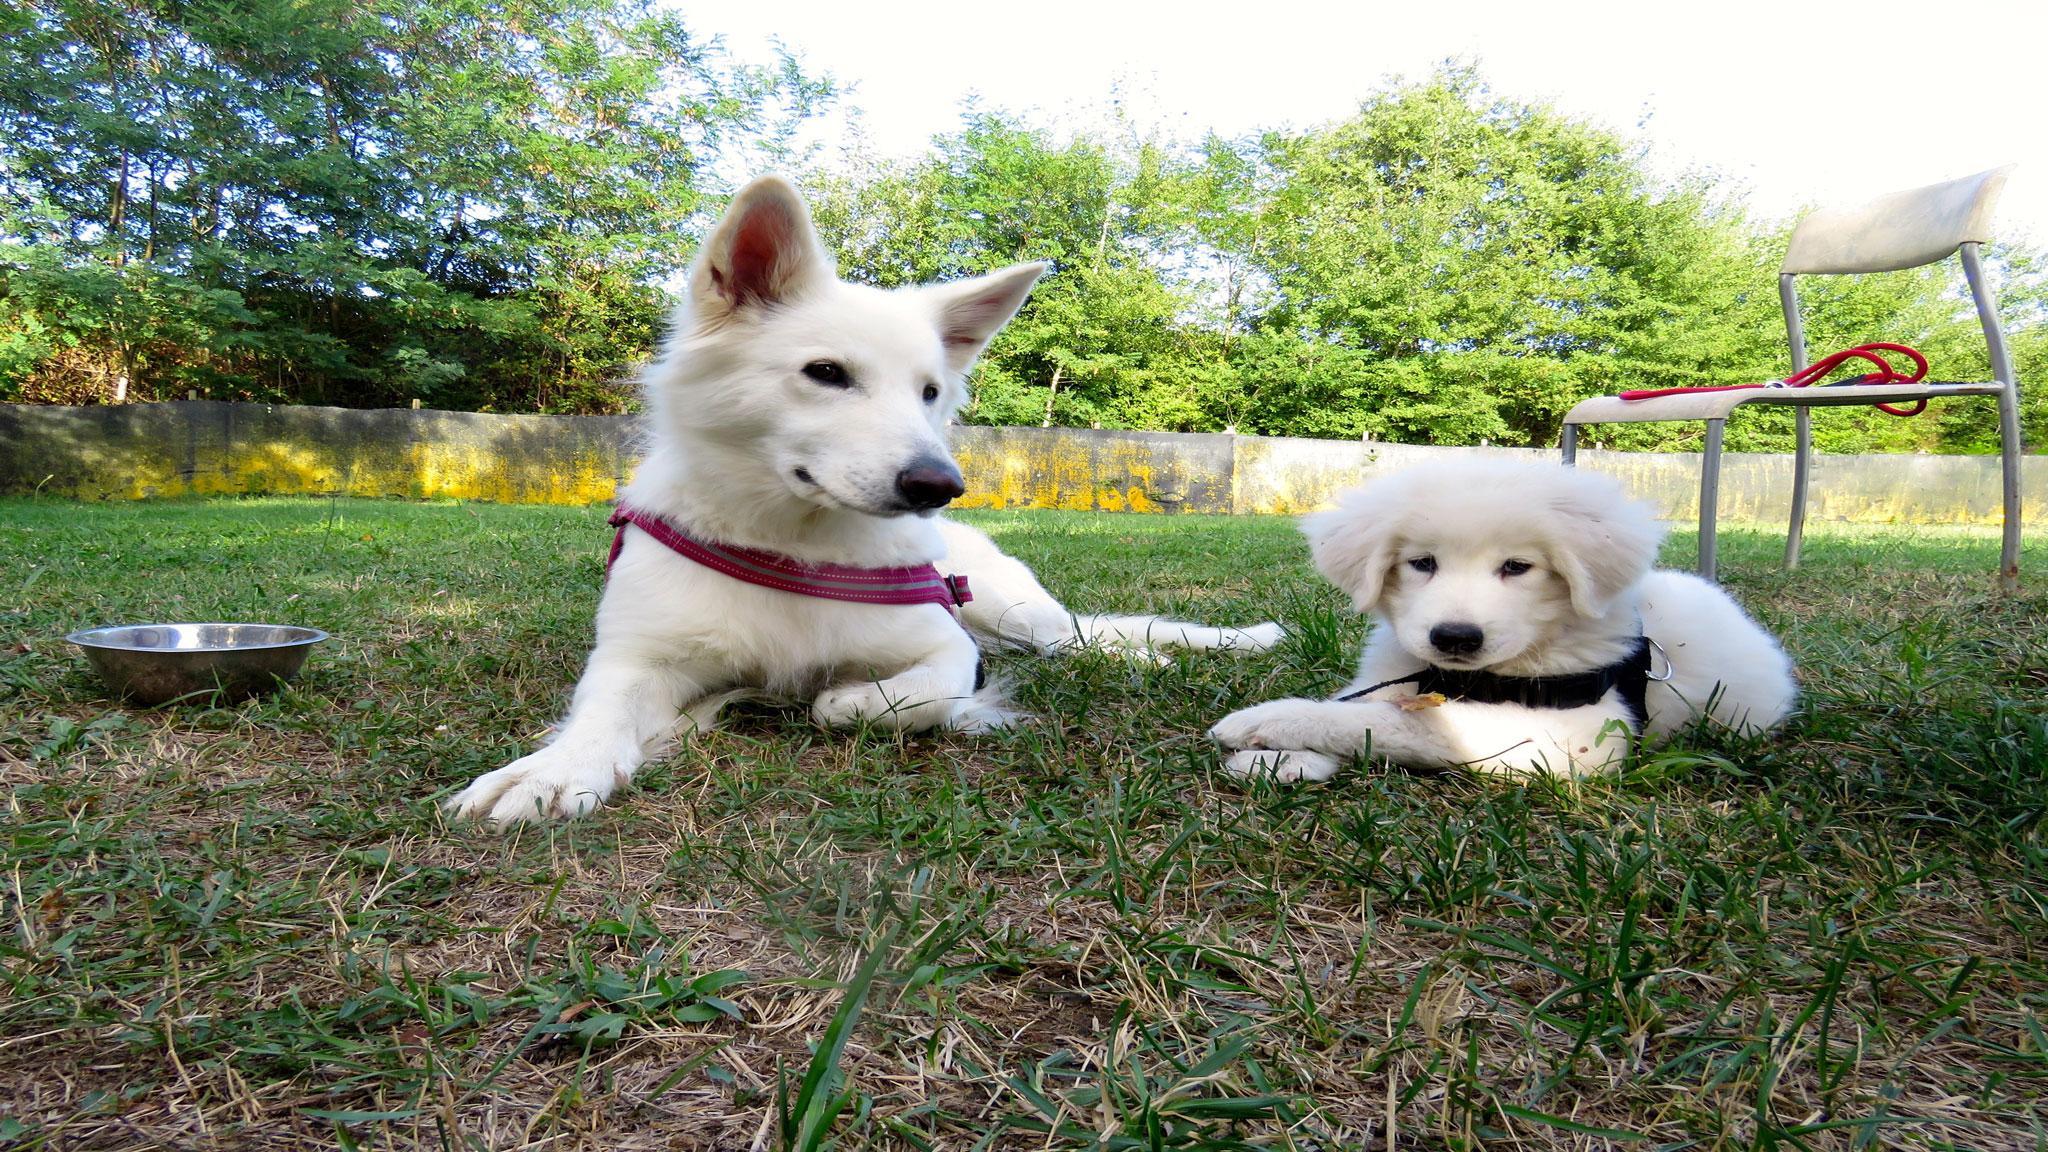 Dicono di Sharon Cane Insegnante con cani cuccioli- Stefano Pesci Istruttore Cinofilo Comportamentale